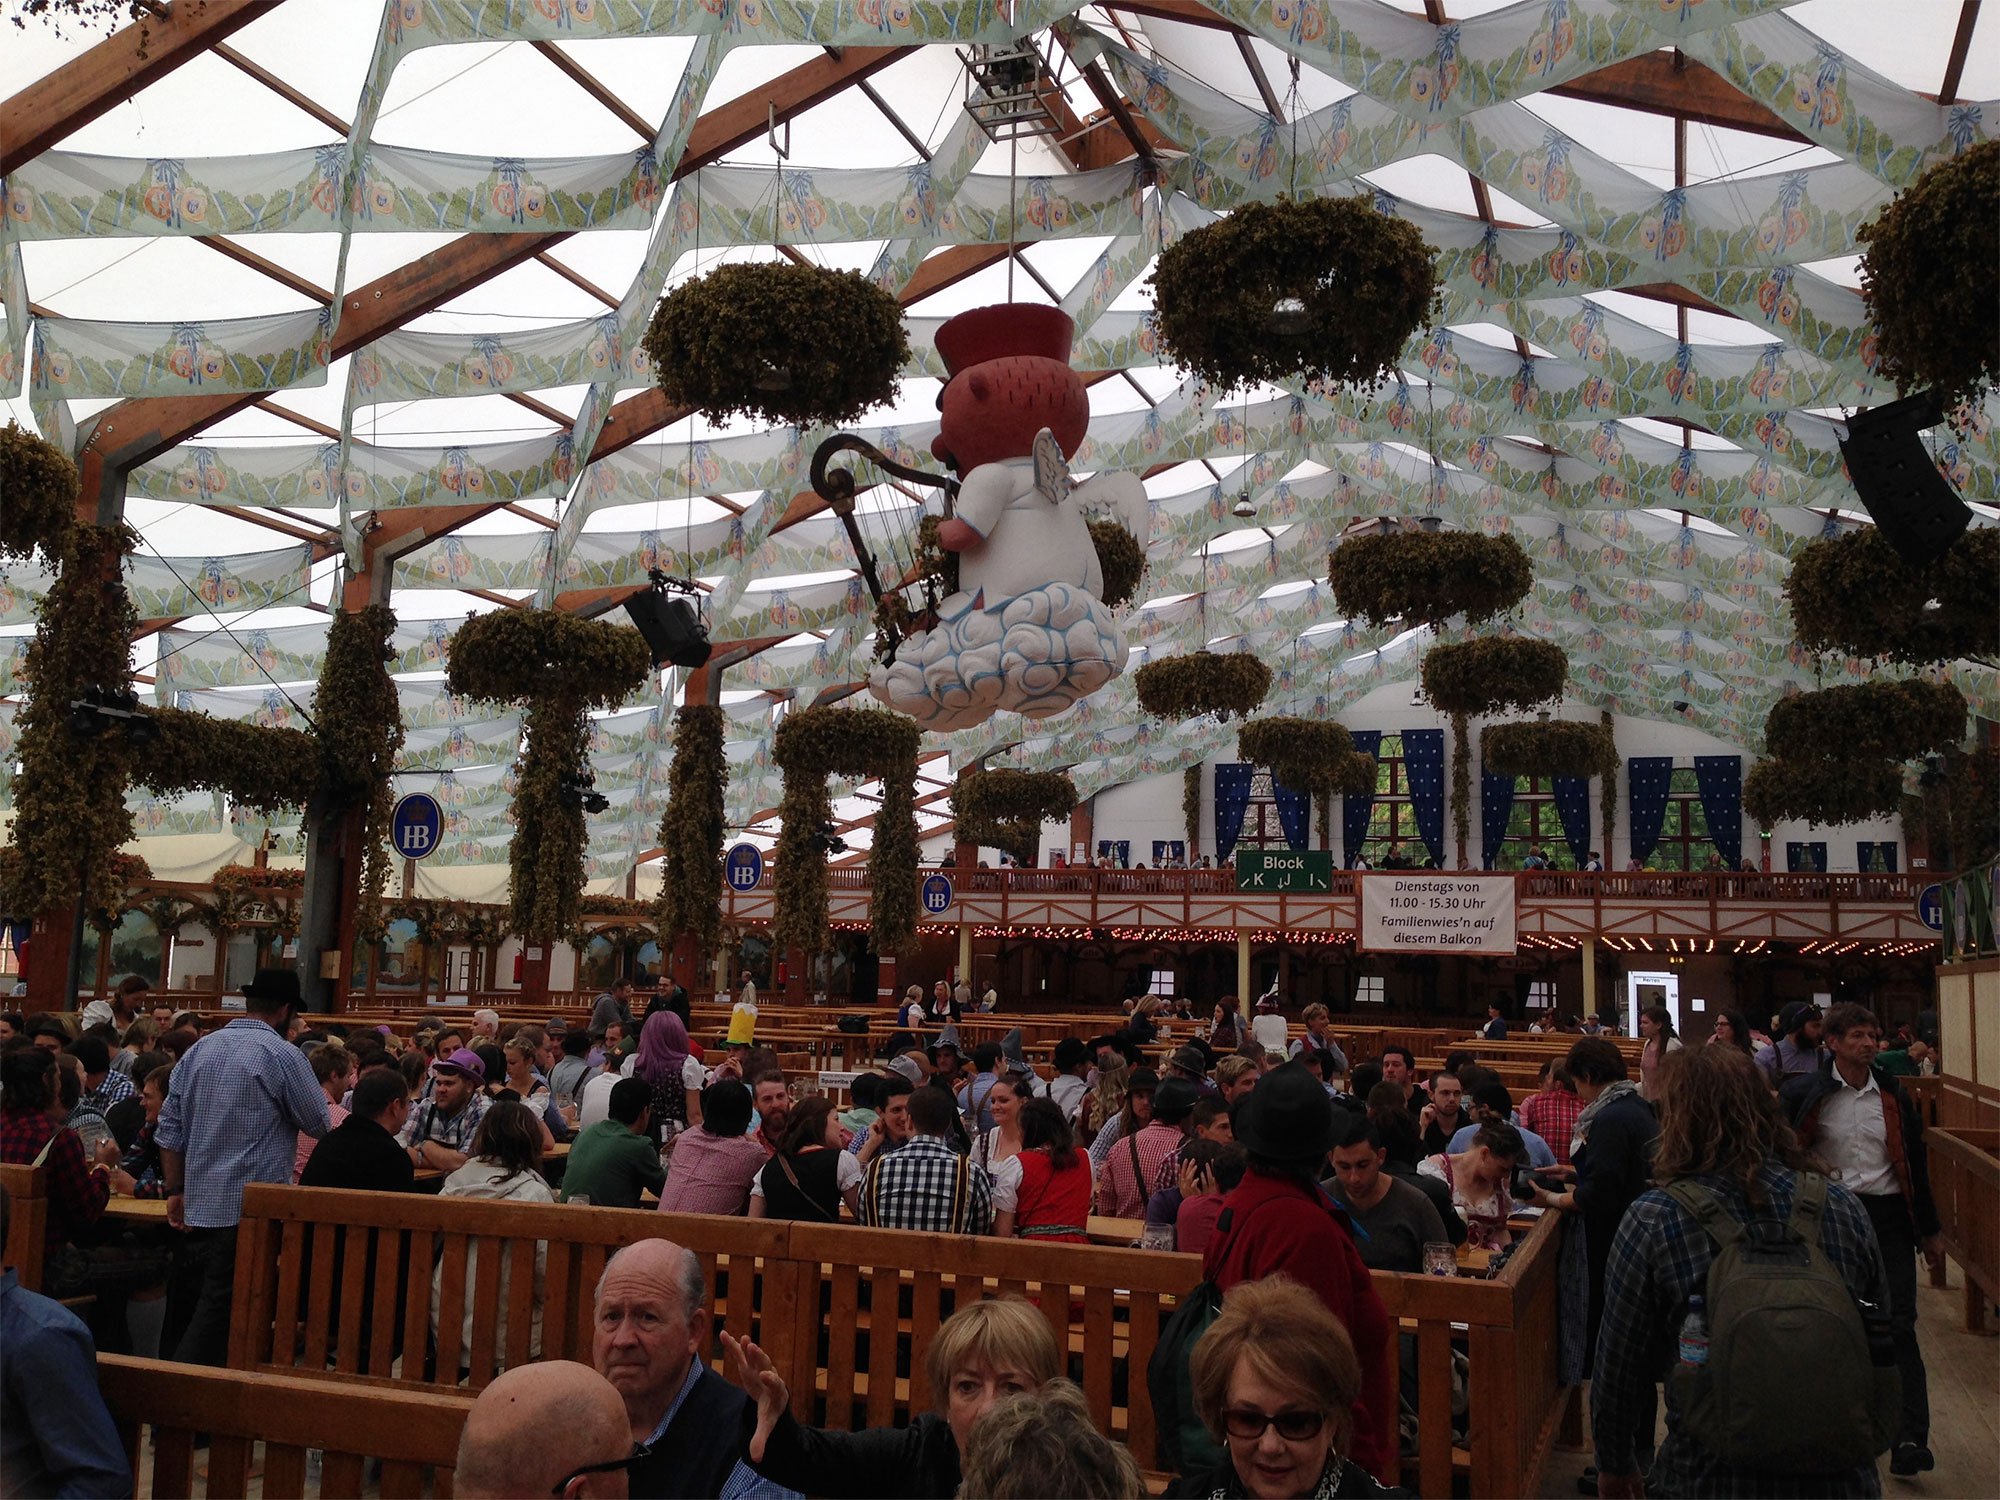 The Hofbrau Tent at Oktoberfest - Bavarian Beer Vacations  sc 1 st  Bavarian Beer Vacations & Oktoberfest 2018 Vacation Packages | Bavarian Beer Vacations